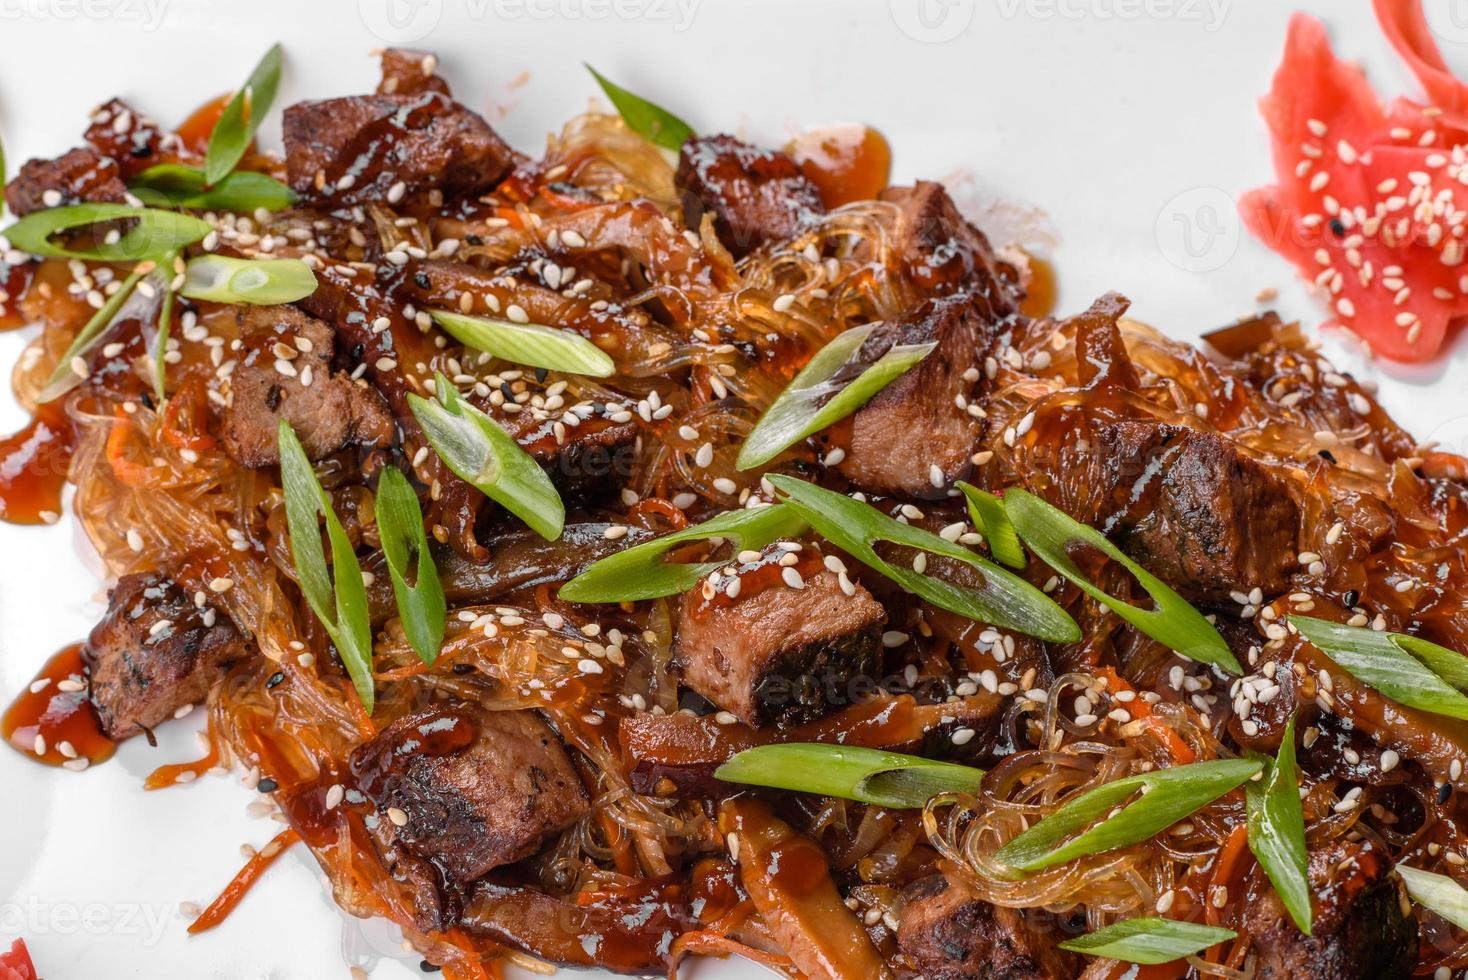 delizioso udon fresco con manzo e spaghetti di riso con spezie e verdure? foto